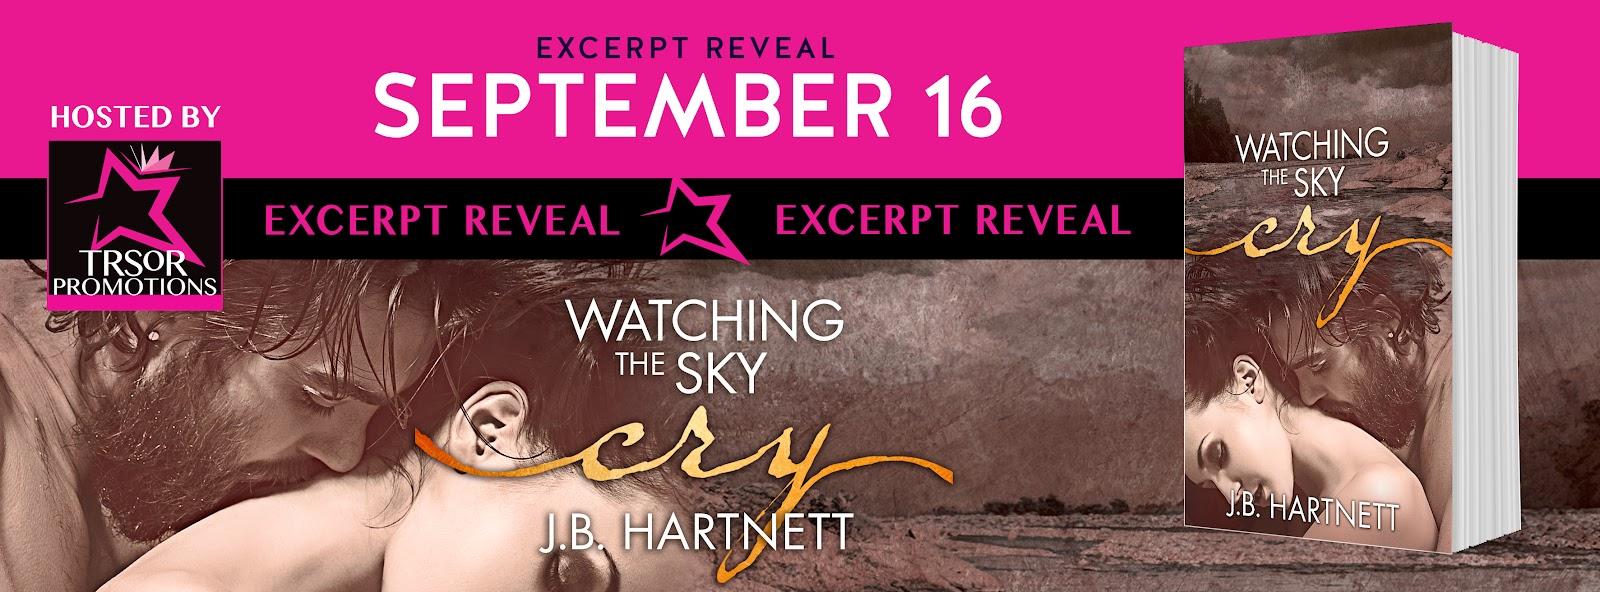 WATCHING_SKY_CRY_EXCERPT.jpg